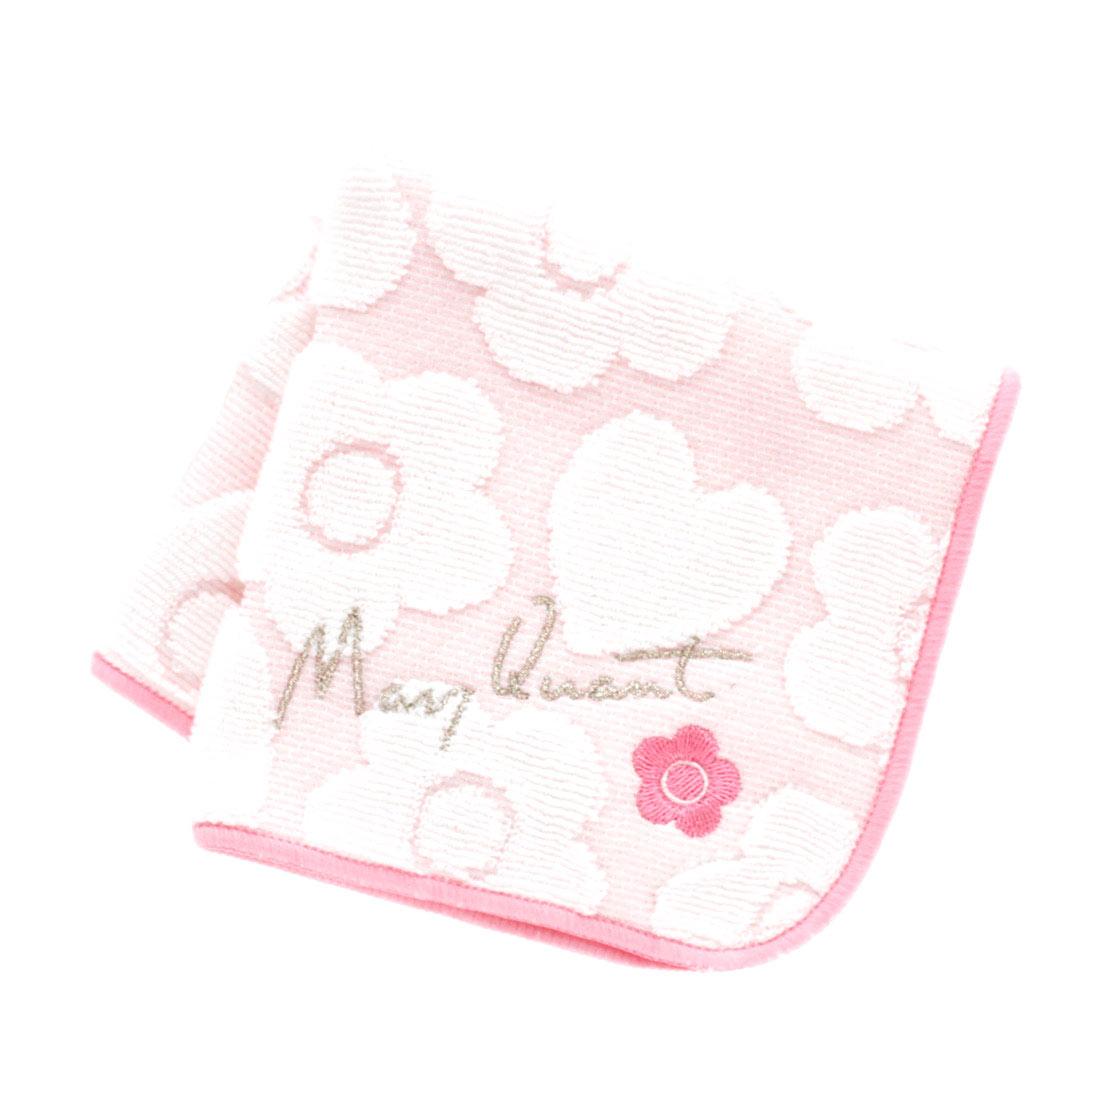 マリークヮント タオルハンカチ 1503 ピンク 【MARY QUANT】 マリークワント マリクワ